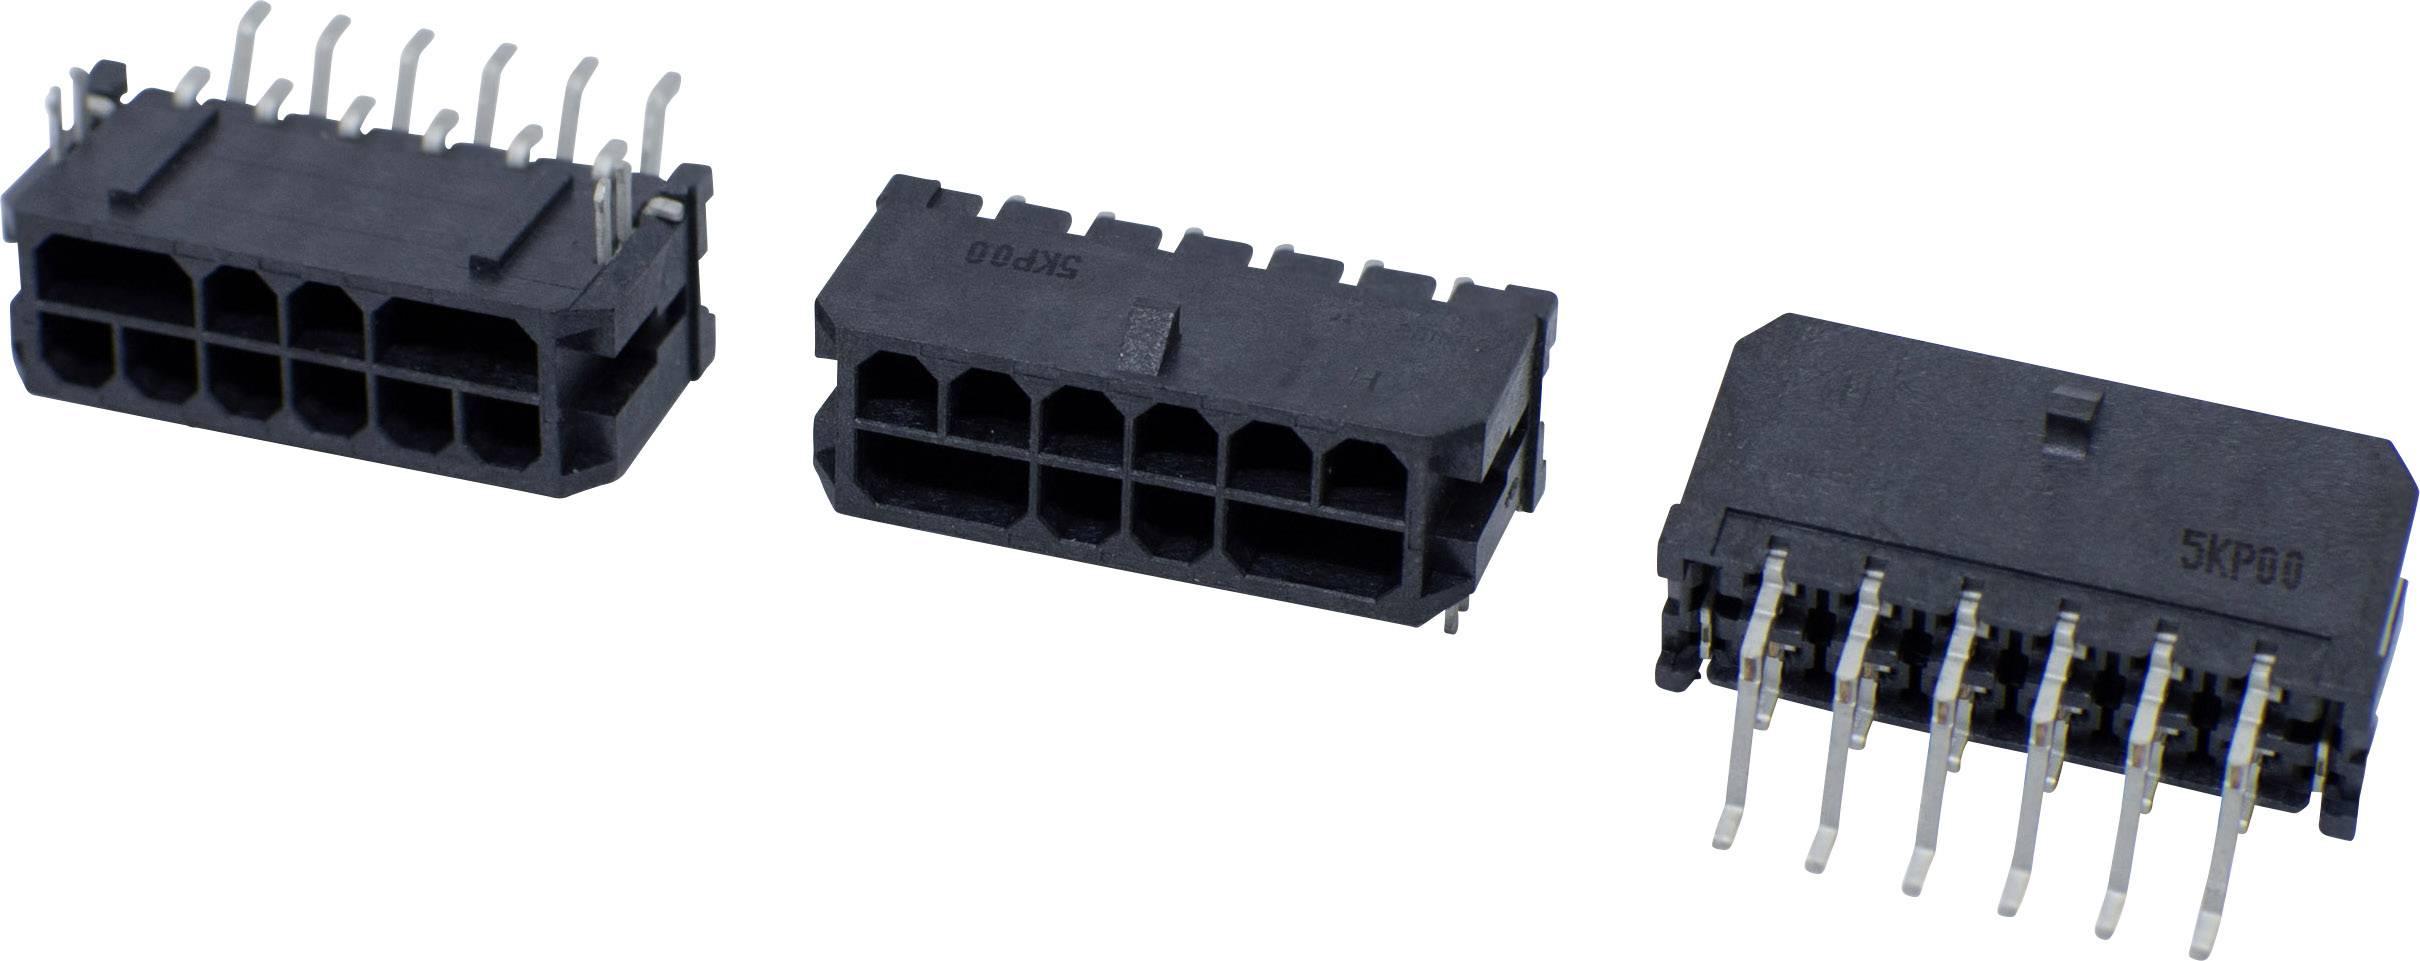 Pinová lišta (štandardná) BellWether 70096-2208, pólů 22, rozteč 3 mm, 1 ks